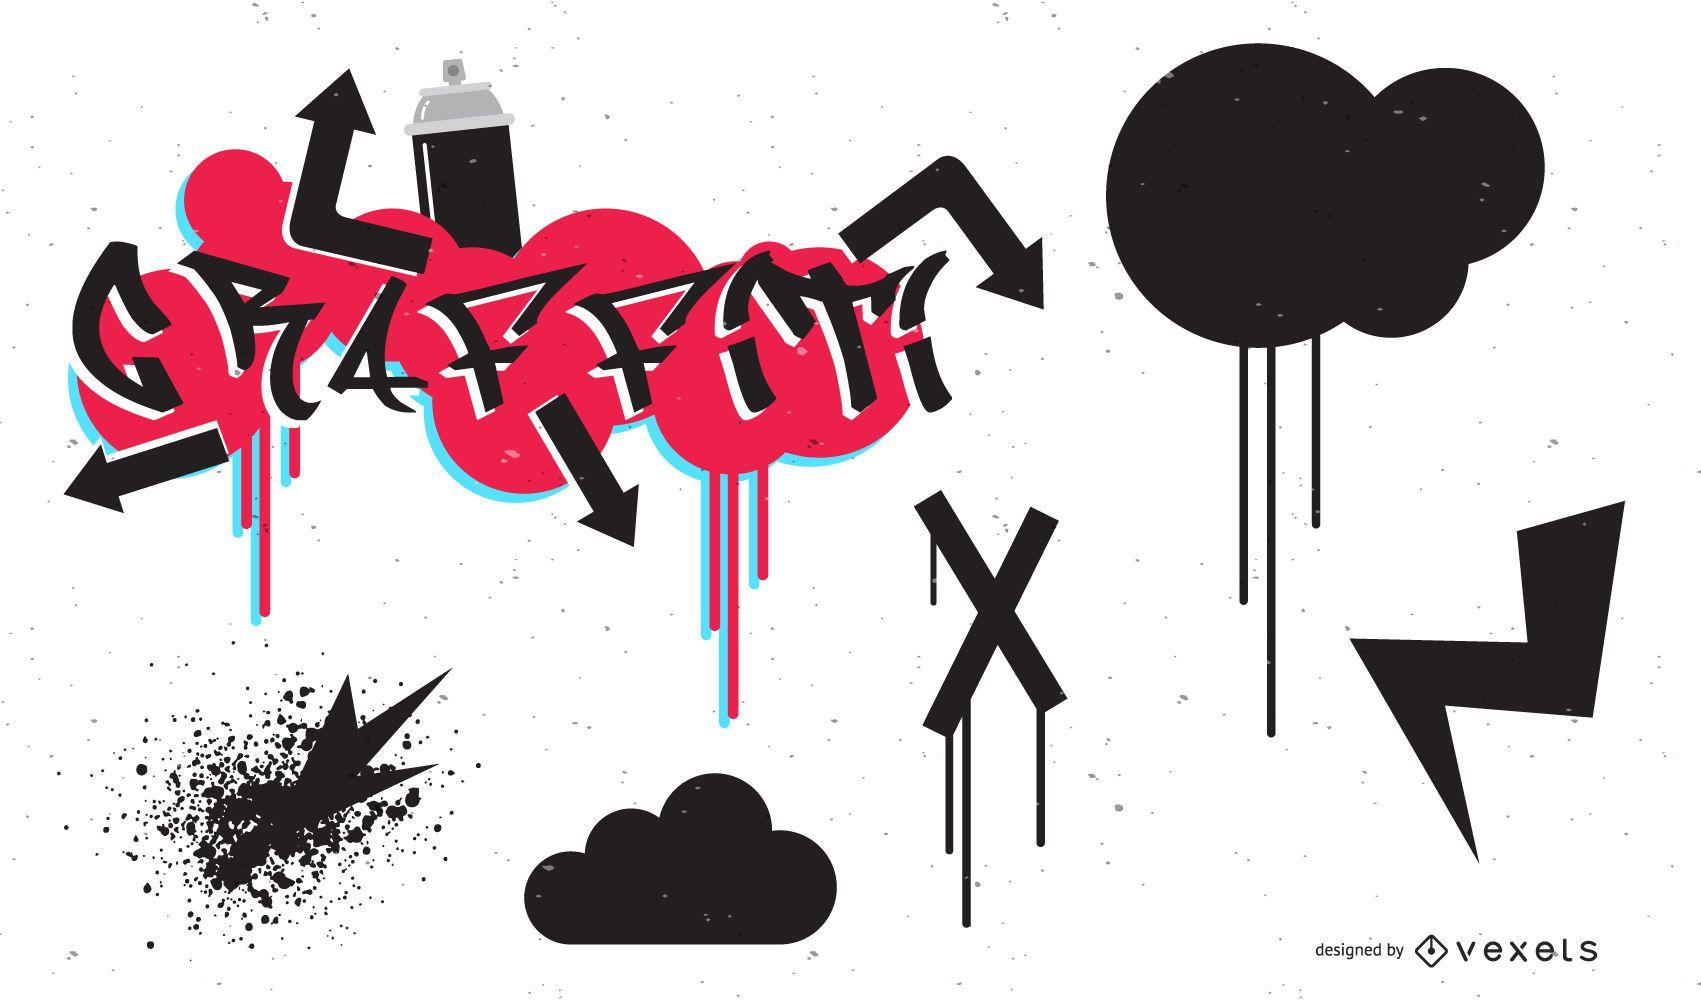 Conjunto de vetores produzidos pela Go Media15 tendência de grafite